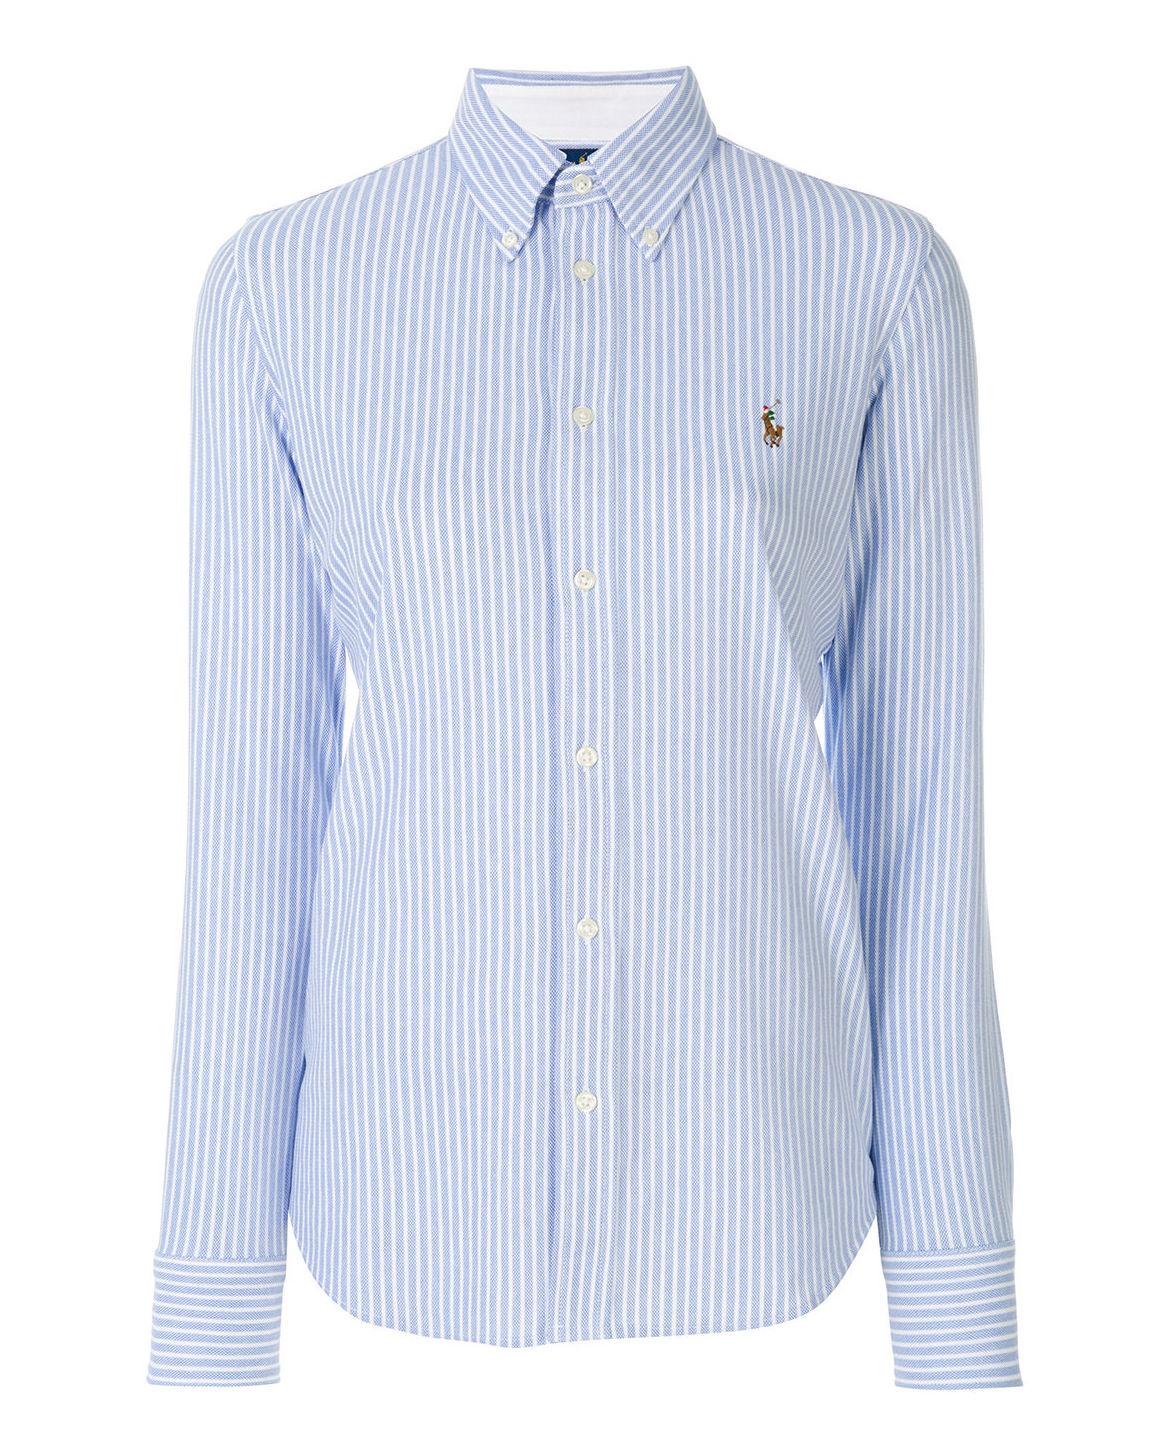 9c1ece434 Koszula oxford slim fit RALPH LAUREN – Kup Teraz! Najlepsze ceny i ...